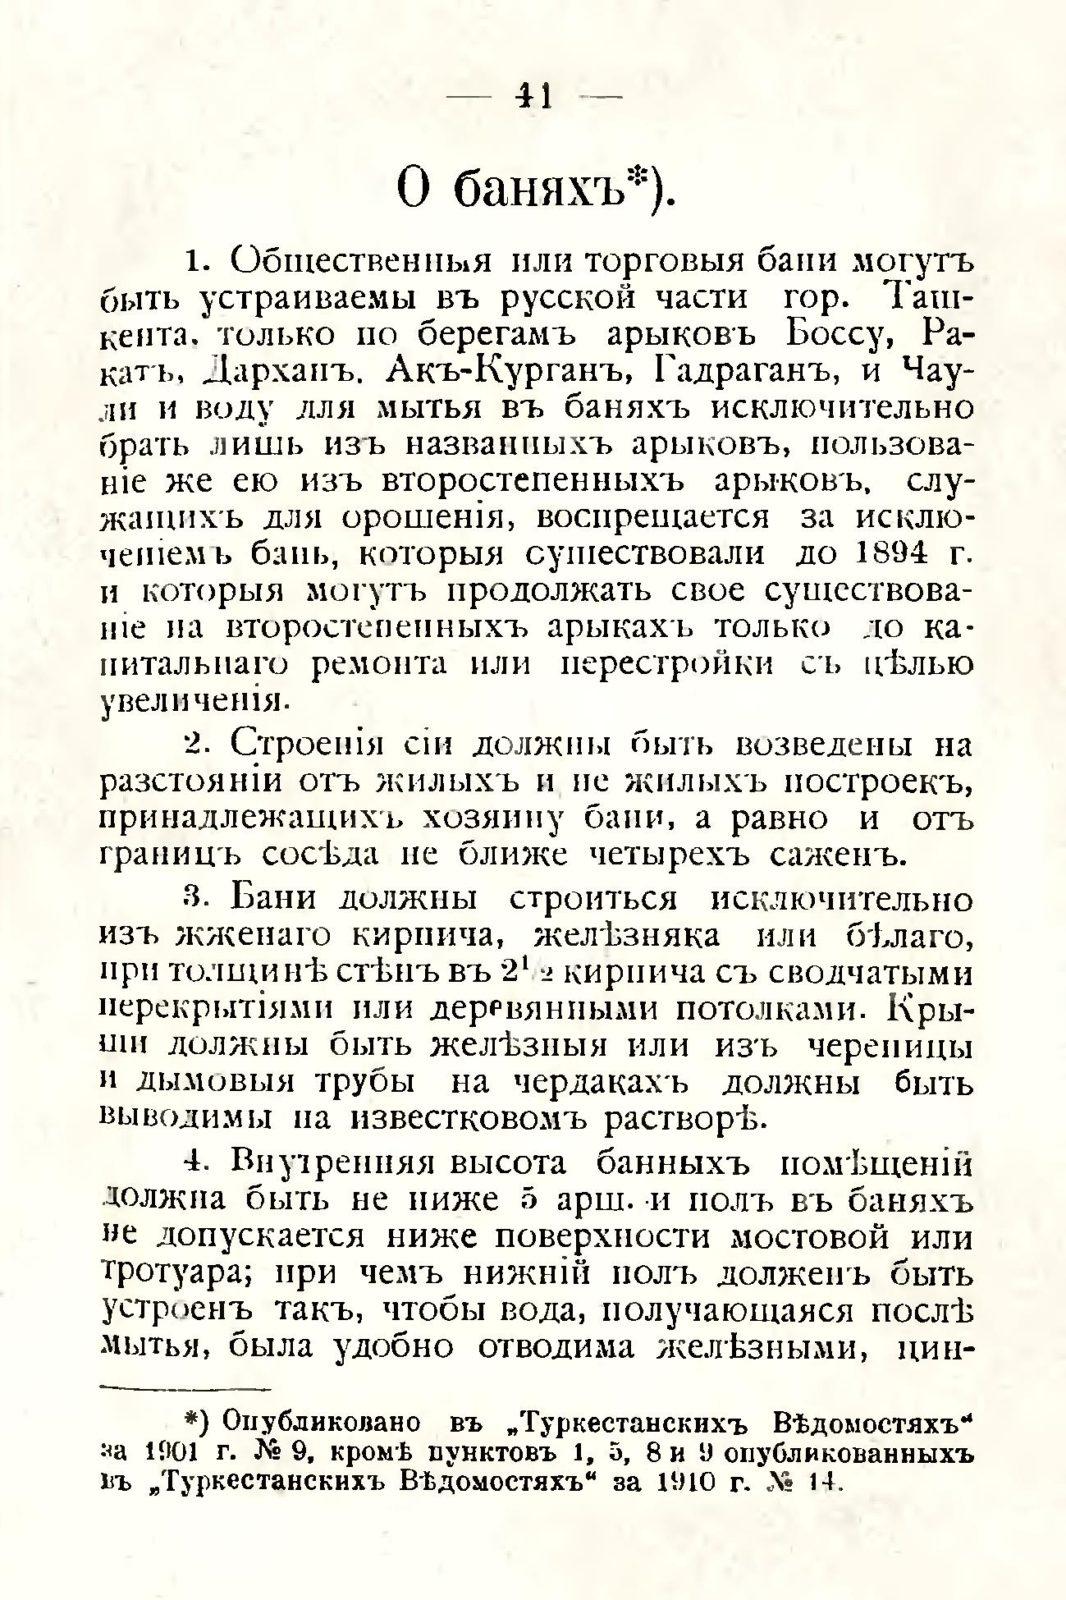 sbornik_obyazatelnyh_postanovlenii_tashkentskoi_gorodskoi_du_45